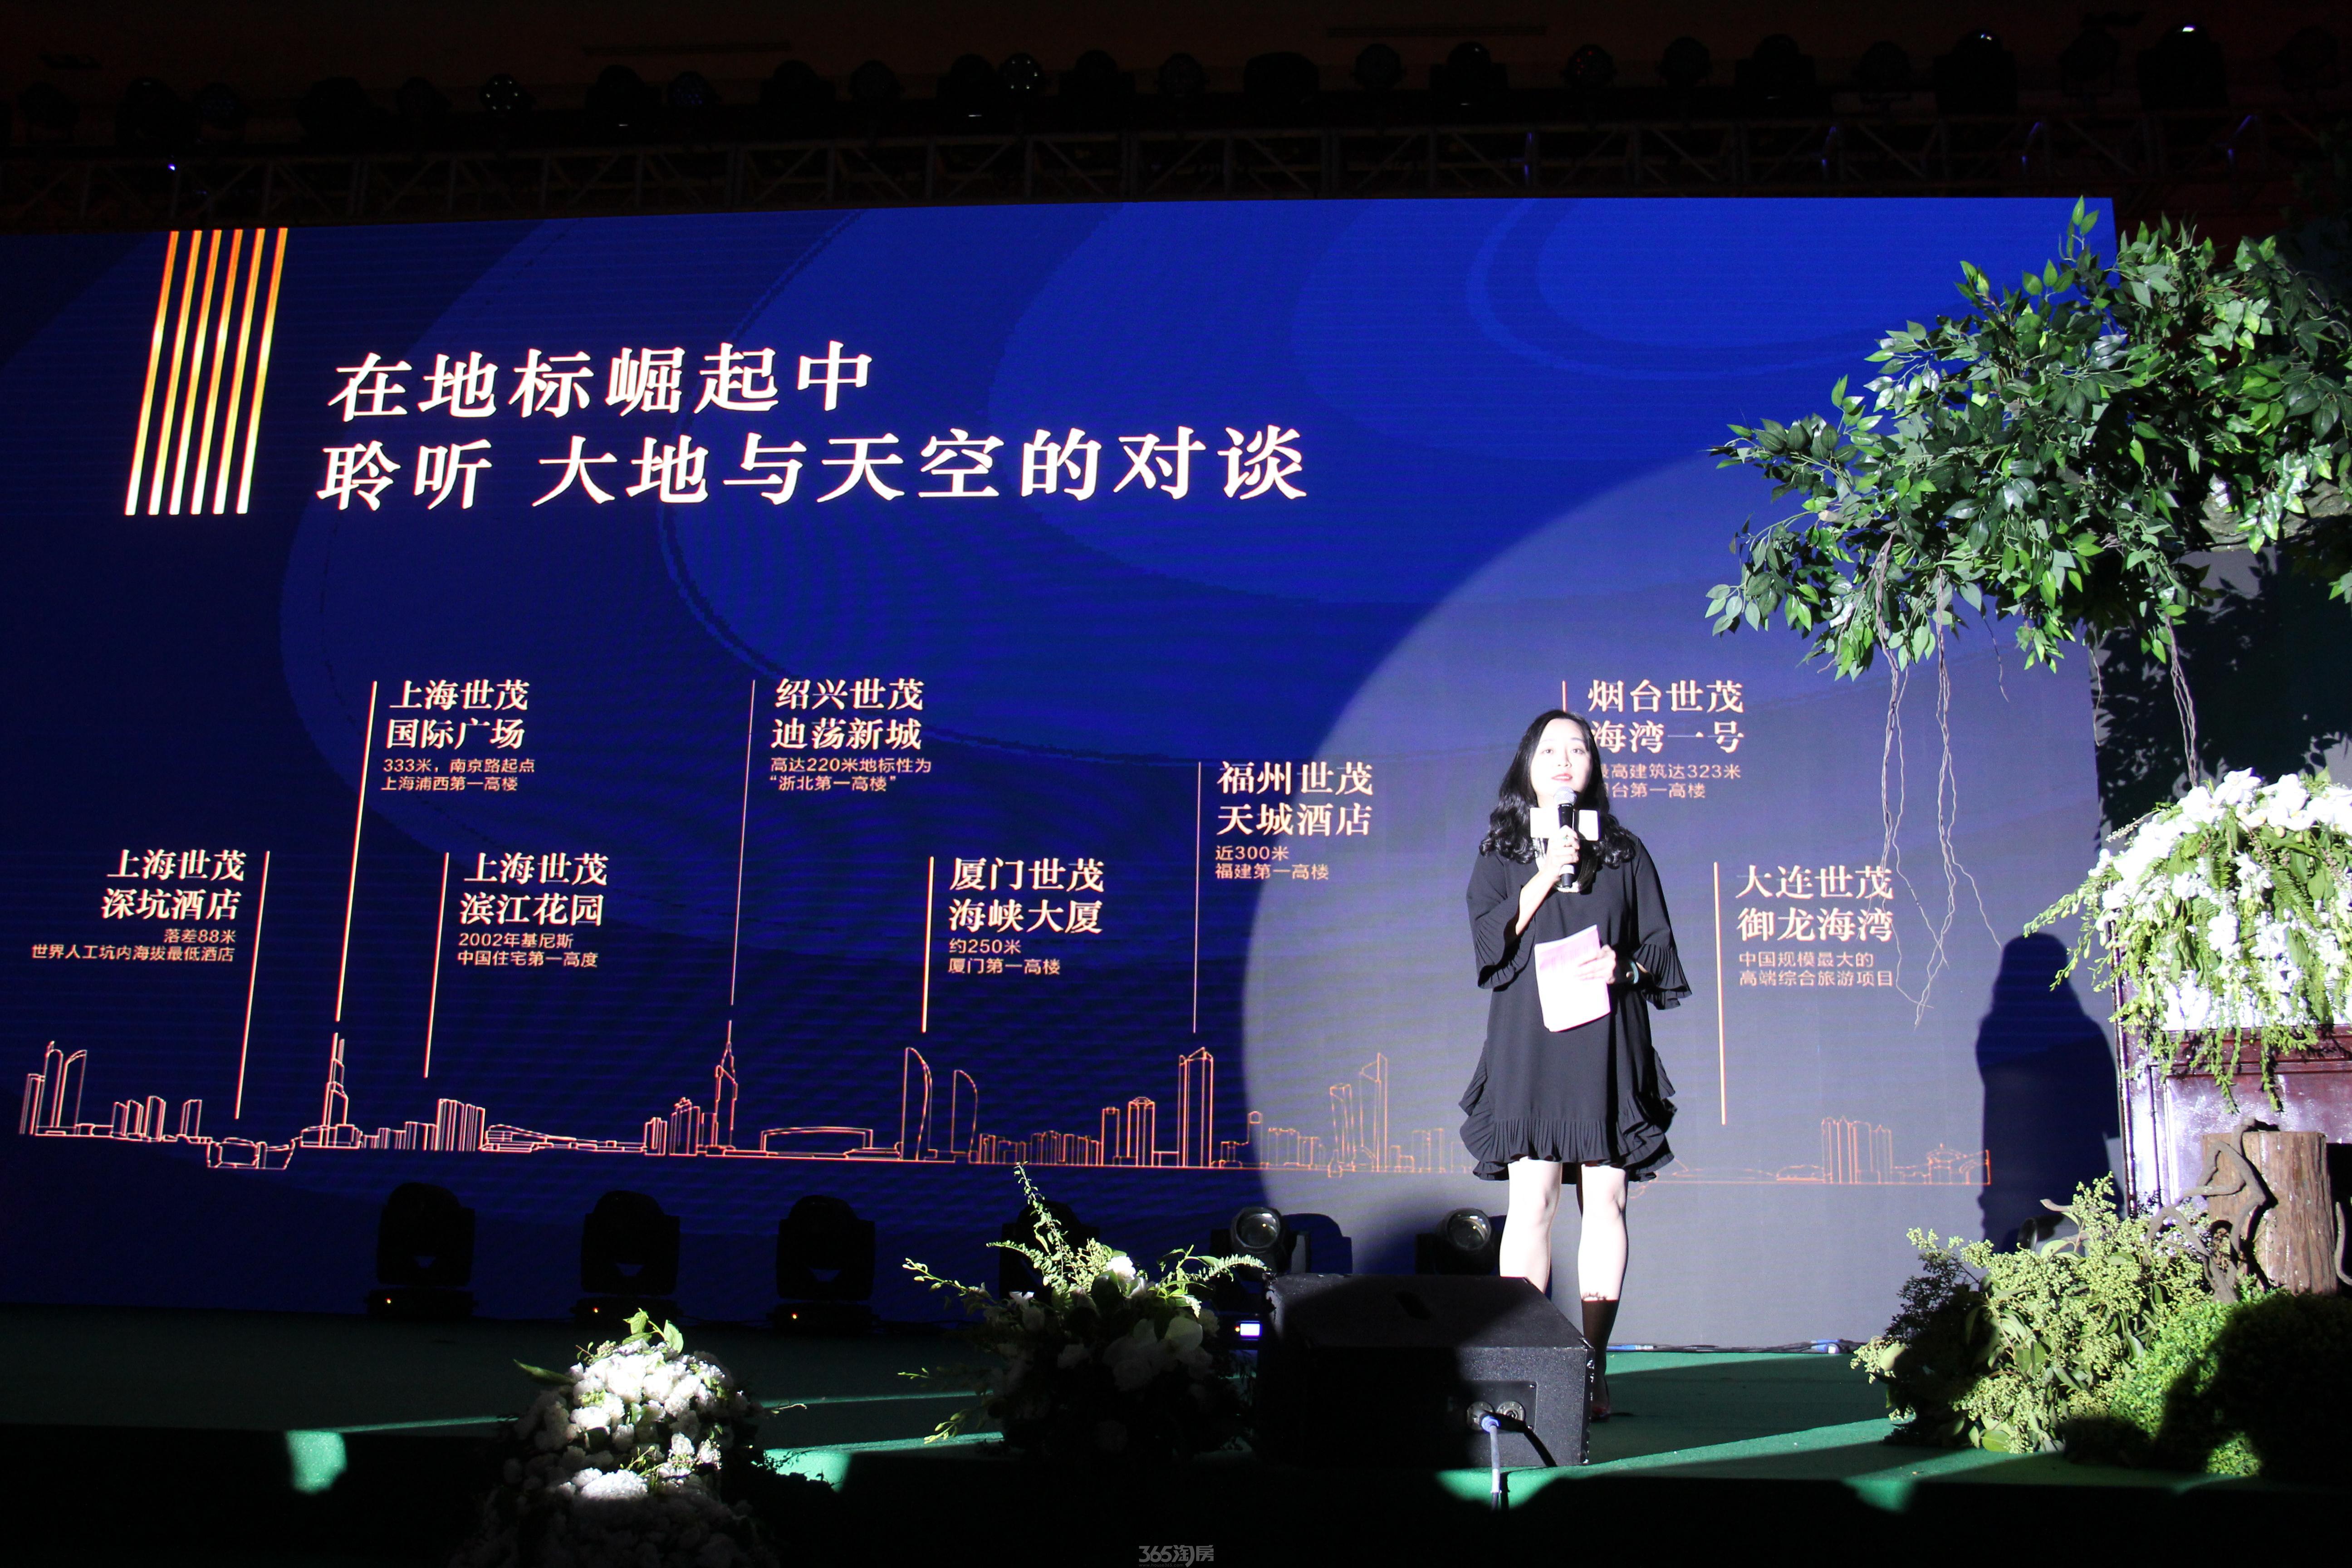 世茂集团苏沪区域企划负责人杨珊